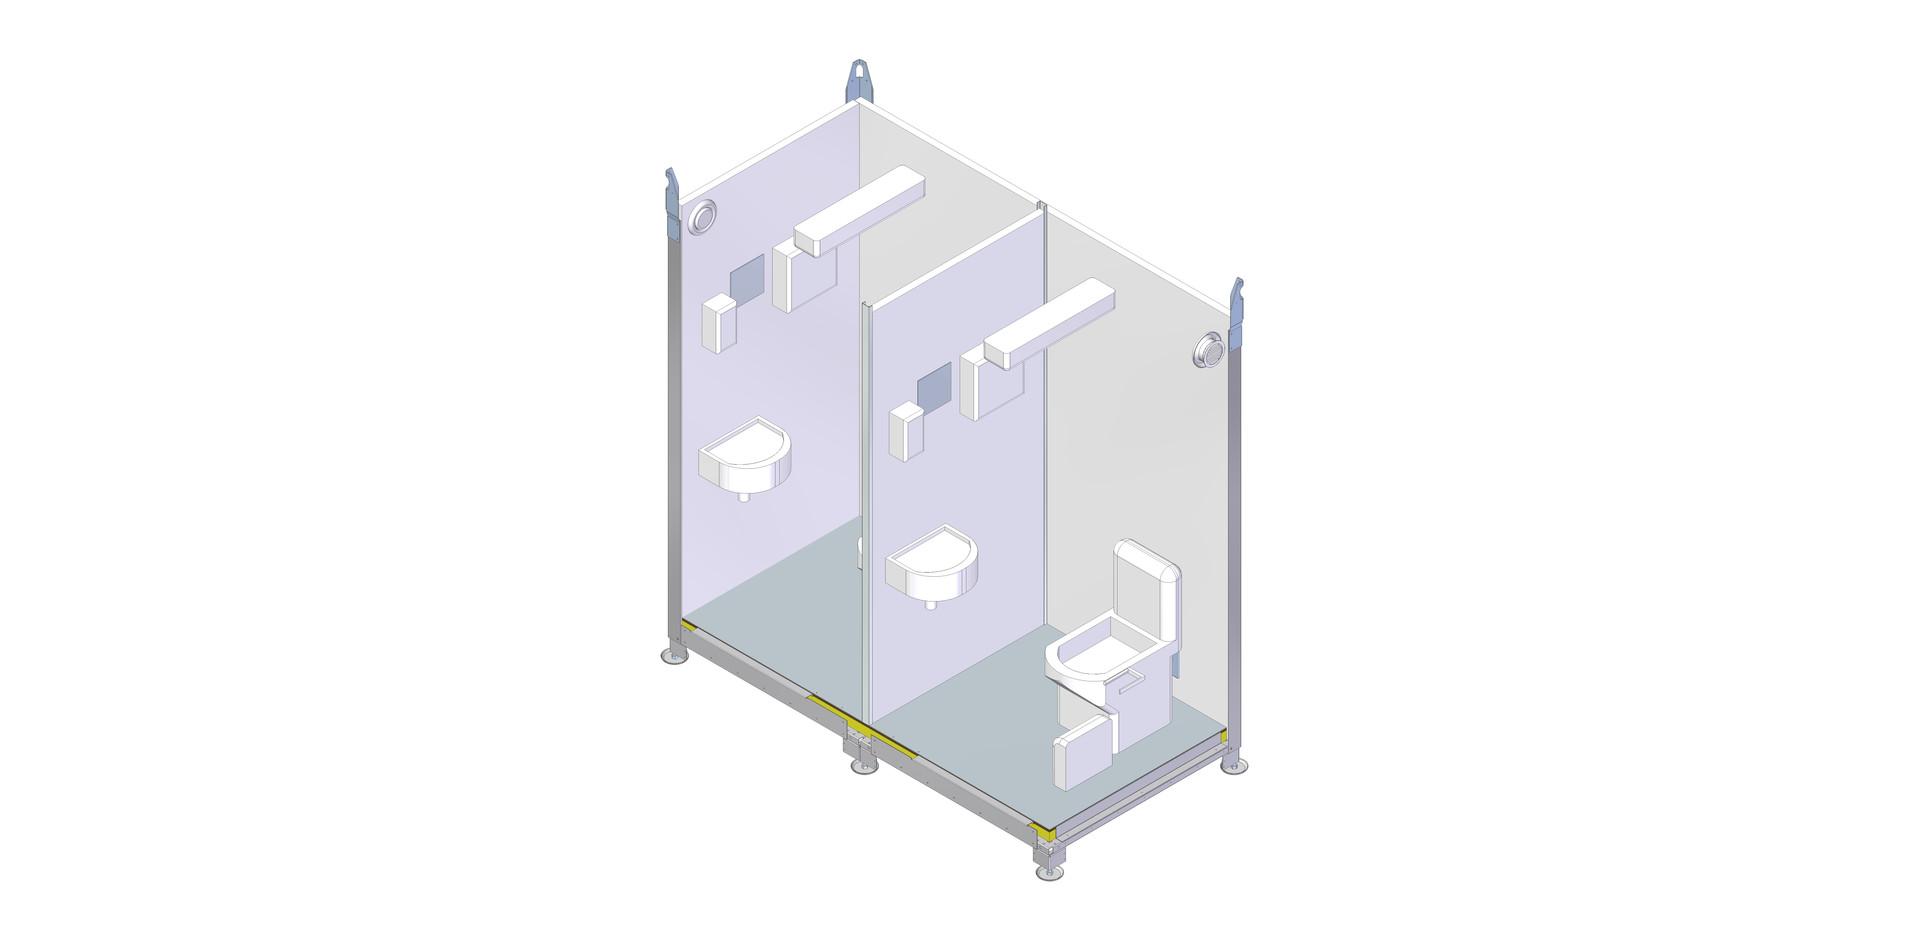 13188 Kabiin WC Respo 2x keraamiline V1